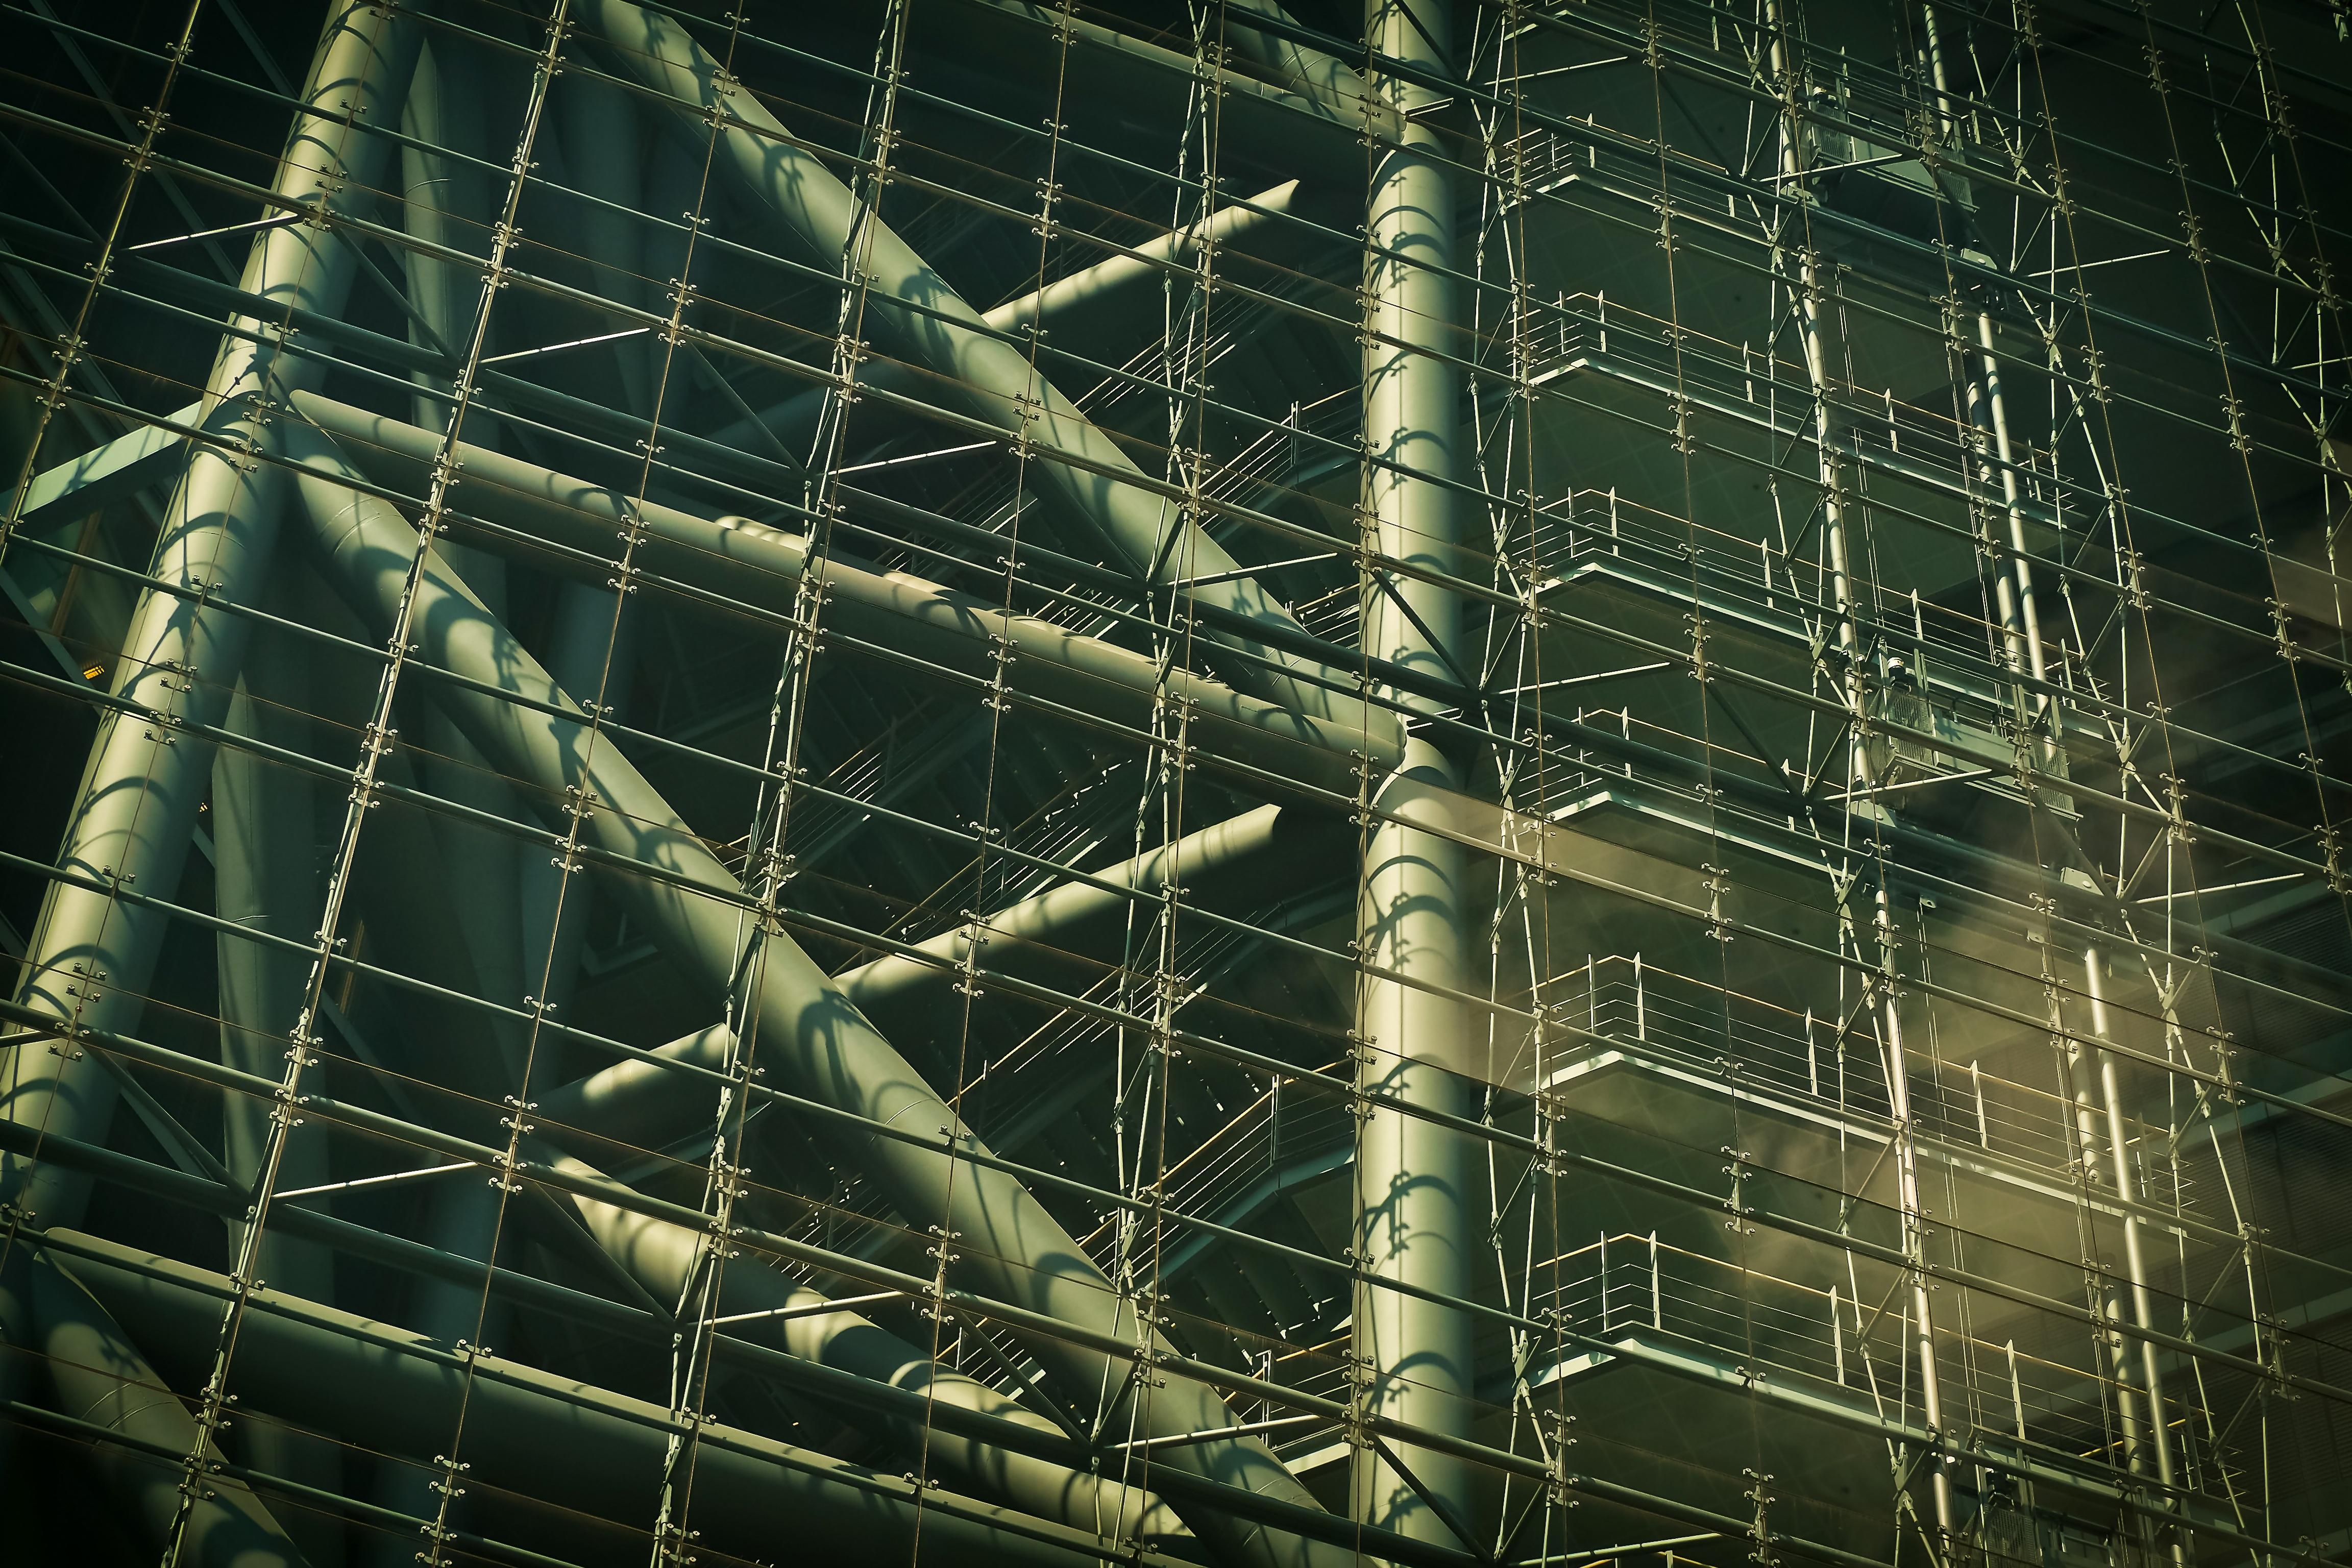 Kostenlose Foto Die Architektur Fenster Glas Gebäude: Kostenlose Foto : Licht, Abstrakt, Die Architektur